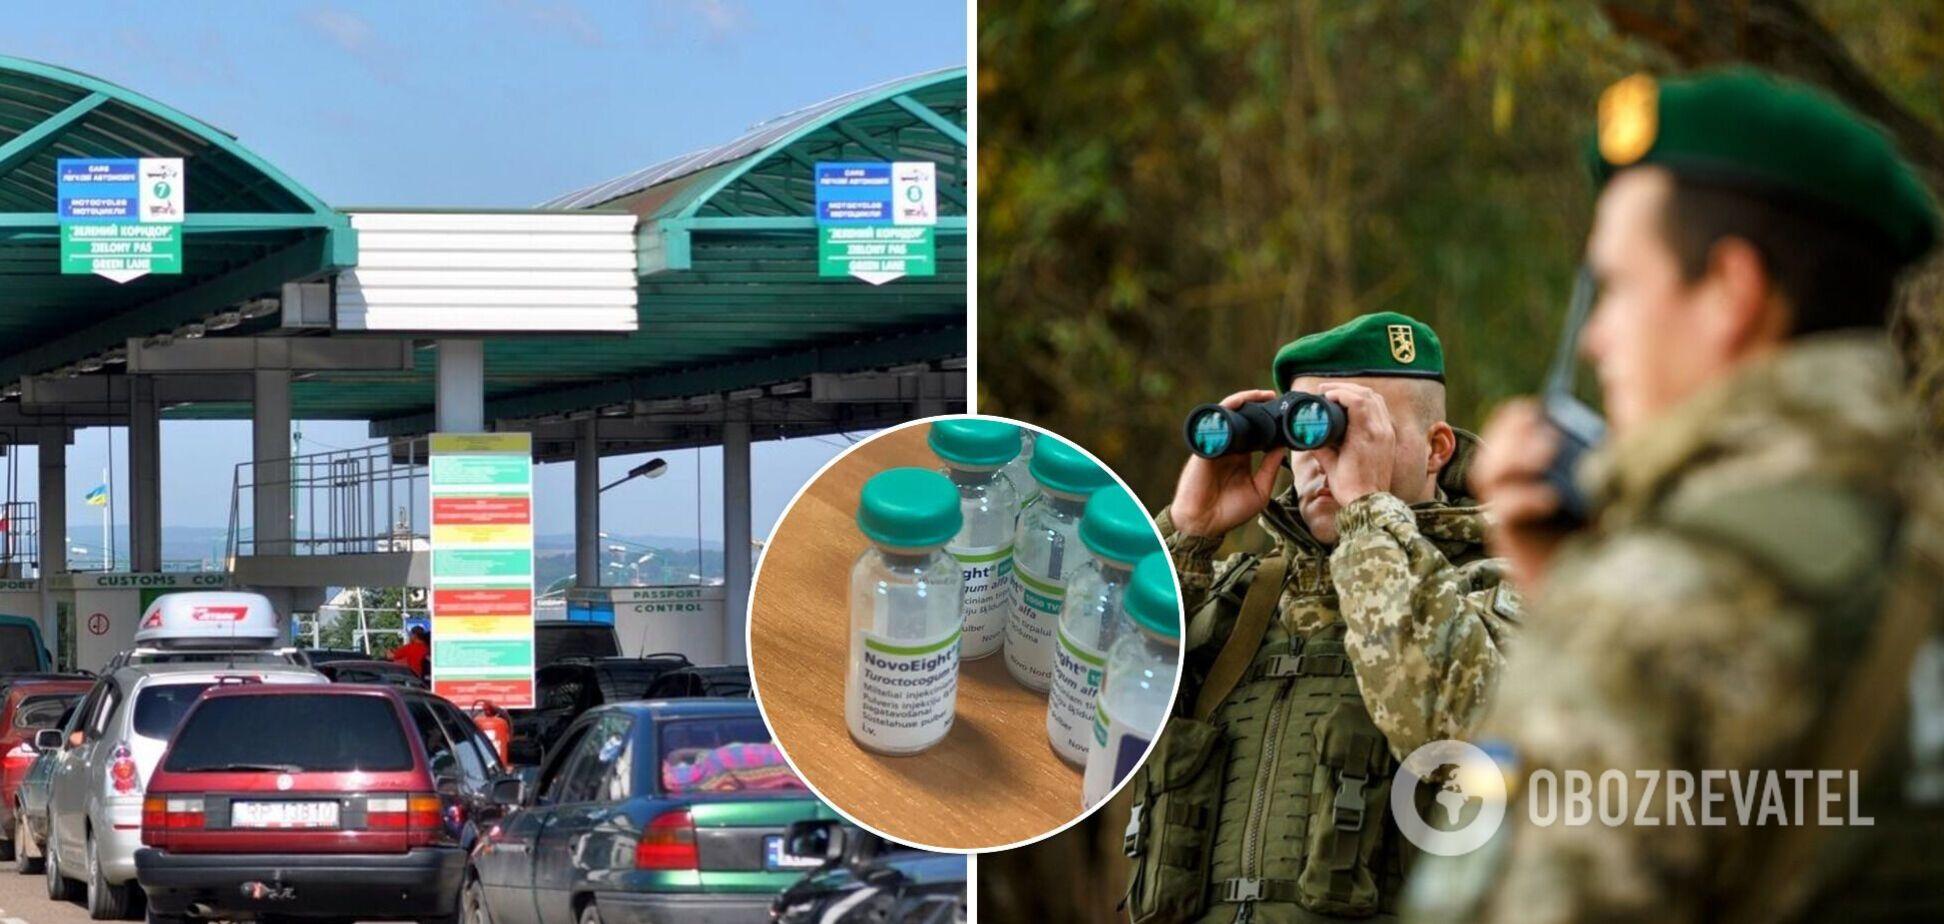 В Польшу из Украины пытались вывезти лекарств на 10 млн грн: подробности и фото